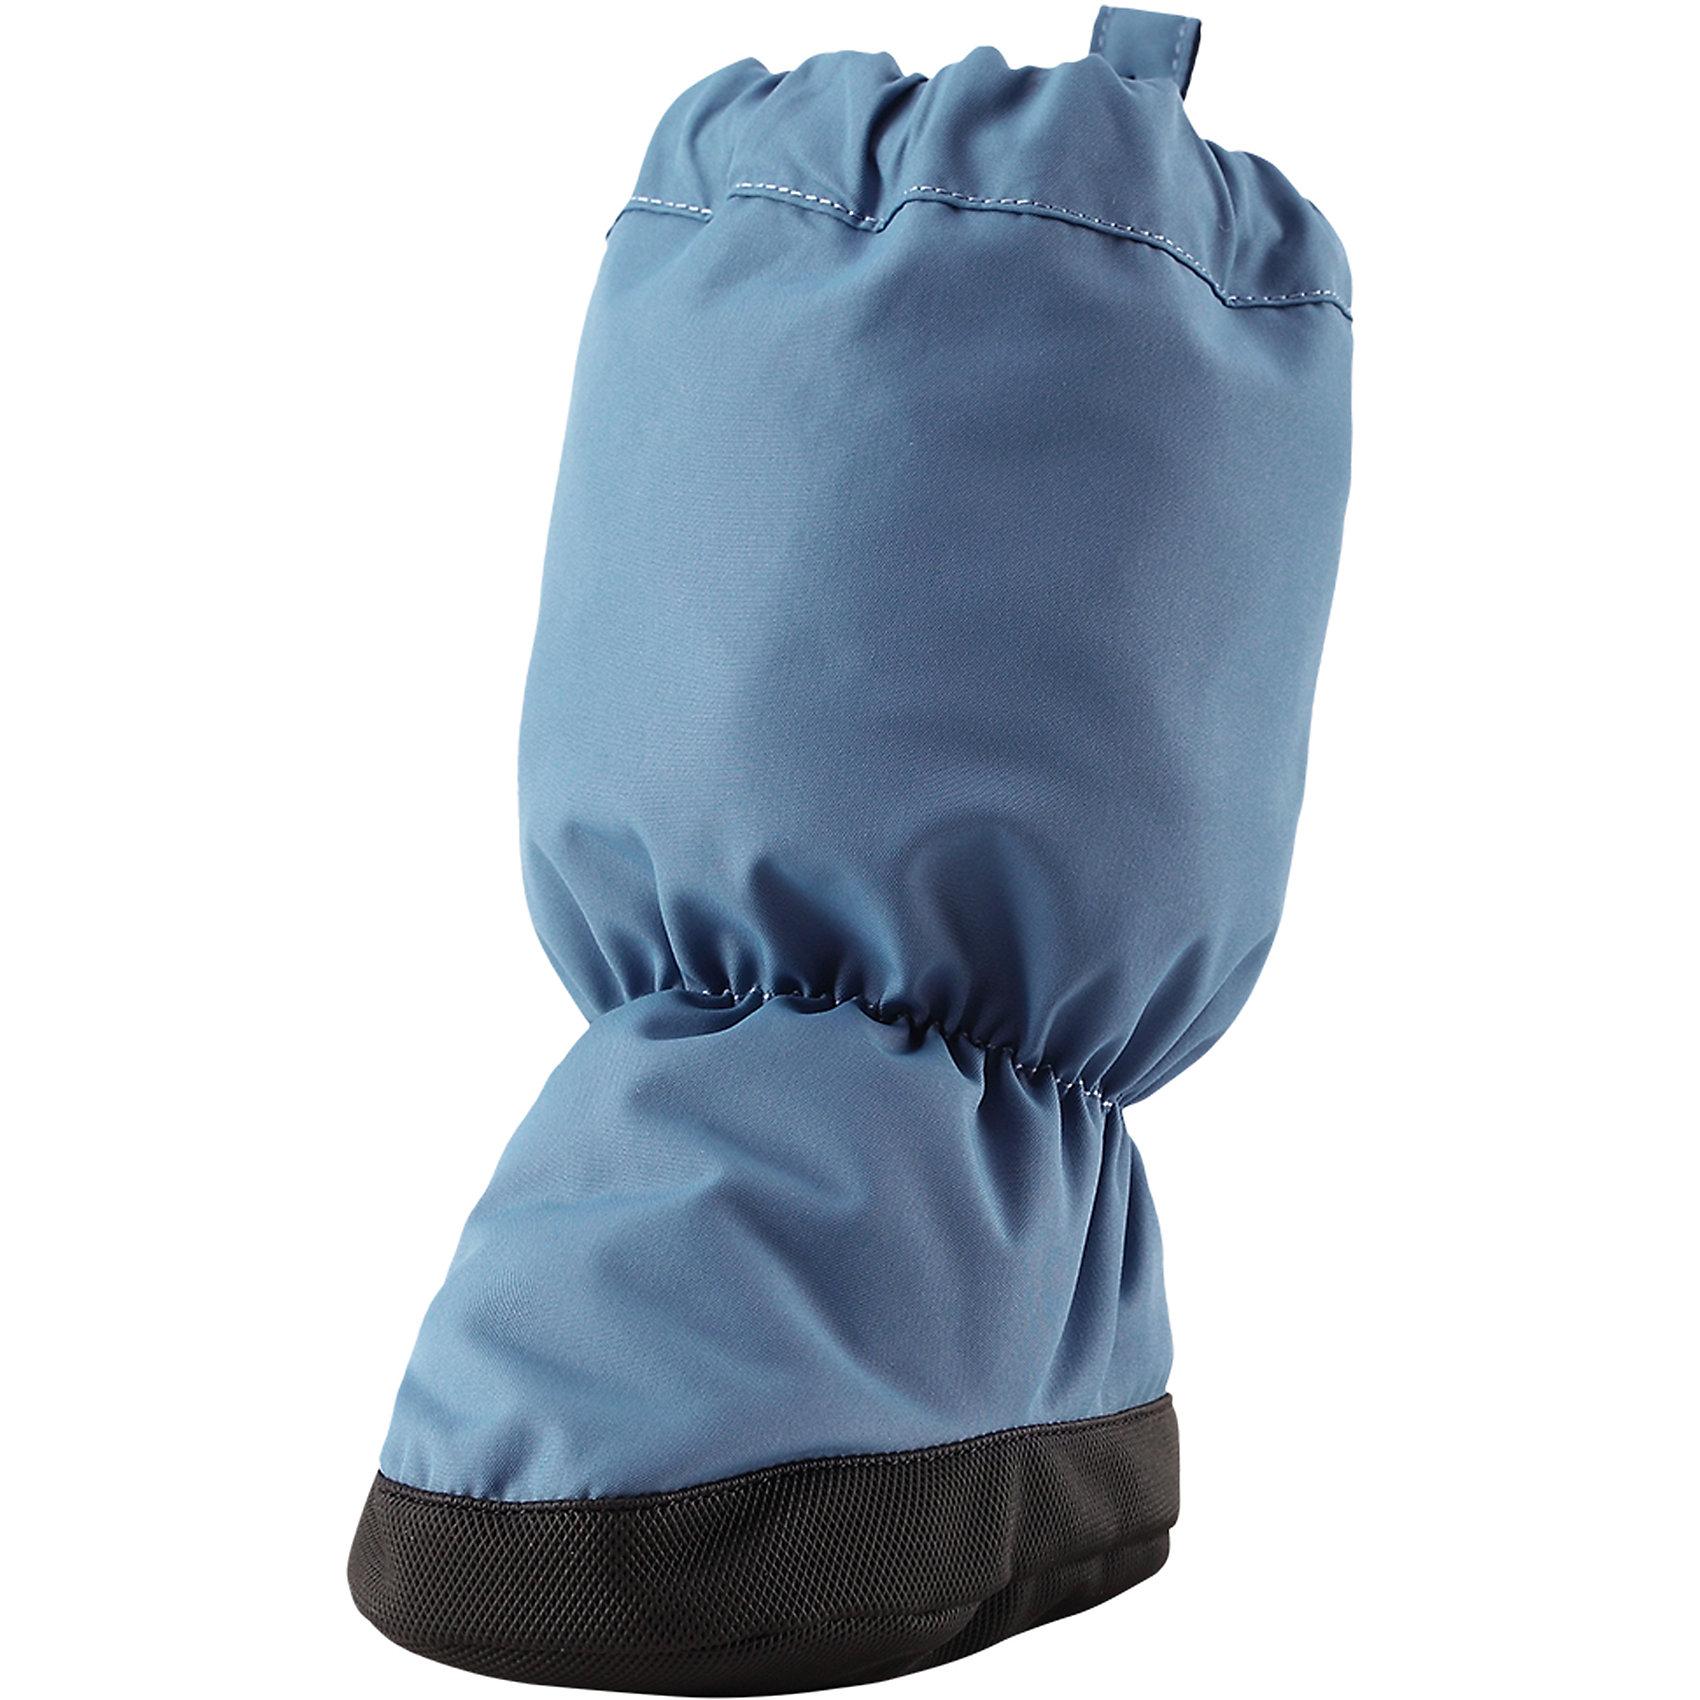 Пинетки Reima AnturaПинетки и царапки<br>Характеристики товара:<br><br>• цвет: голубой;<br>• состав: 100% полиэстер;<br>• утеплитель: 200 г/м2 (comfort insulation);<br>• температурный режим: от -10 до -25С;<br>• сезон: зима; <br>• водонепроницаемость: 15000 мм;<br>• воздухопроницаемость: 7000 мм;<br>• износостойкость: 40000 (тест Мартиндейла);<br>• особенности модели: на подкладке;<br>• водонепроницаемый прочный материал;<br>• ветронепроницаемый и грязеотталкивающий материал;<br>• подкладка из полиэстера с небольшим начесом;<br>• антискользящая поверхность подошвы;<br>• логотип Reima;<br>• страна бренда: Финляндия;<br>• страна изготовитель: Китай.<br><br>Зимние пинетки изготовлены из дышащего водонепроницаемого материала, однако швы в них не проклеены – так что лужи придется обходить! Ребристая нескользящая подошва поможет сделать первые шаги на свежем воздухе, кроме того, материал отталкивает грязь. А с мягкой трикотажной подкладкой с начесом в пинетках невероятно удобно. <br><br>Пинетки Antura Reima от финского бренда Reima (Рейма) можно купить в нашем интернет-магазине.<br><br>Ширина мм: 152<br>Глубина мм: 126<br>Высота мм: 93<br>Вес г: 242<br>Цвет: синий<br>Возраст от месяцев: 12<br>Возраст до месяцев: 18<br>Пол: Унисекс<br>Возраст: Детский<br>Размер: 2,0,1<br>SKU: 6908722